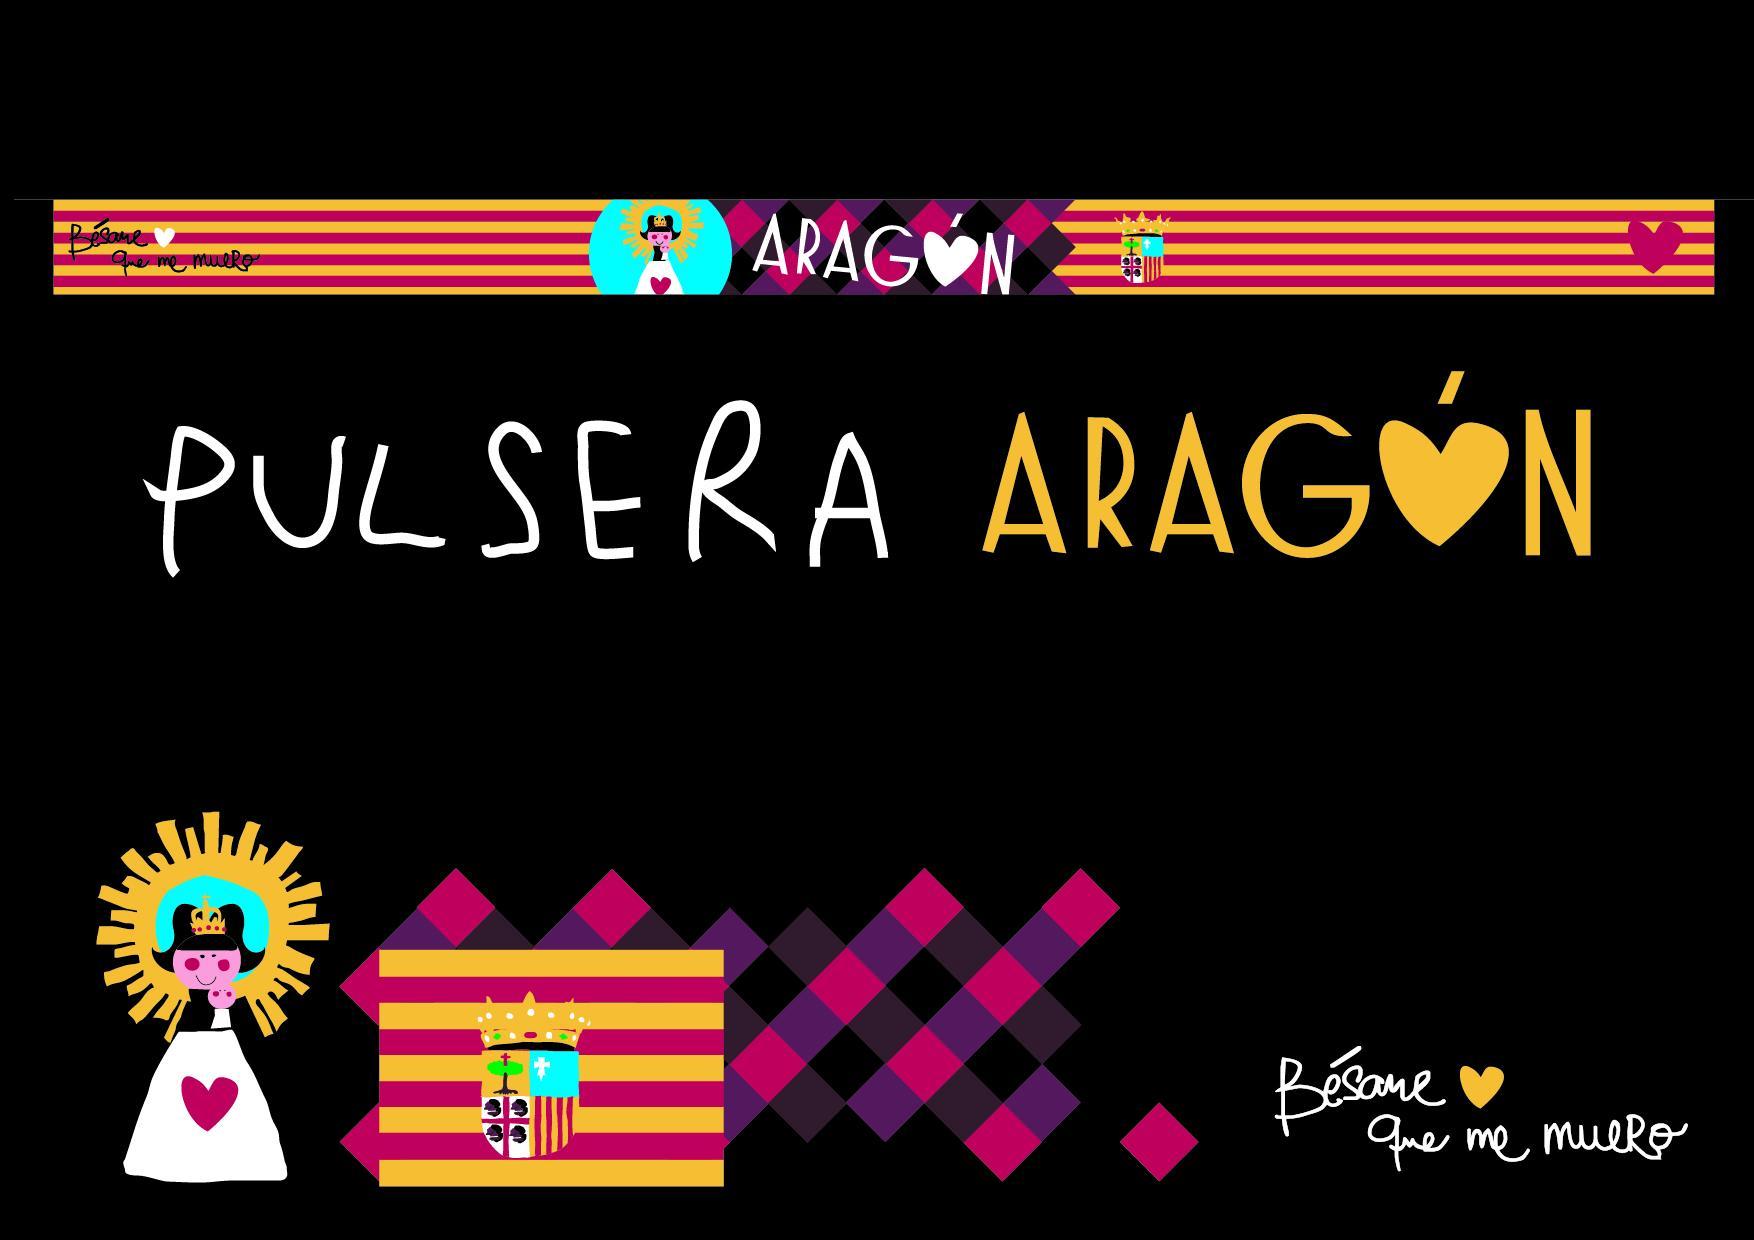 PULSERA ARAGON